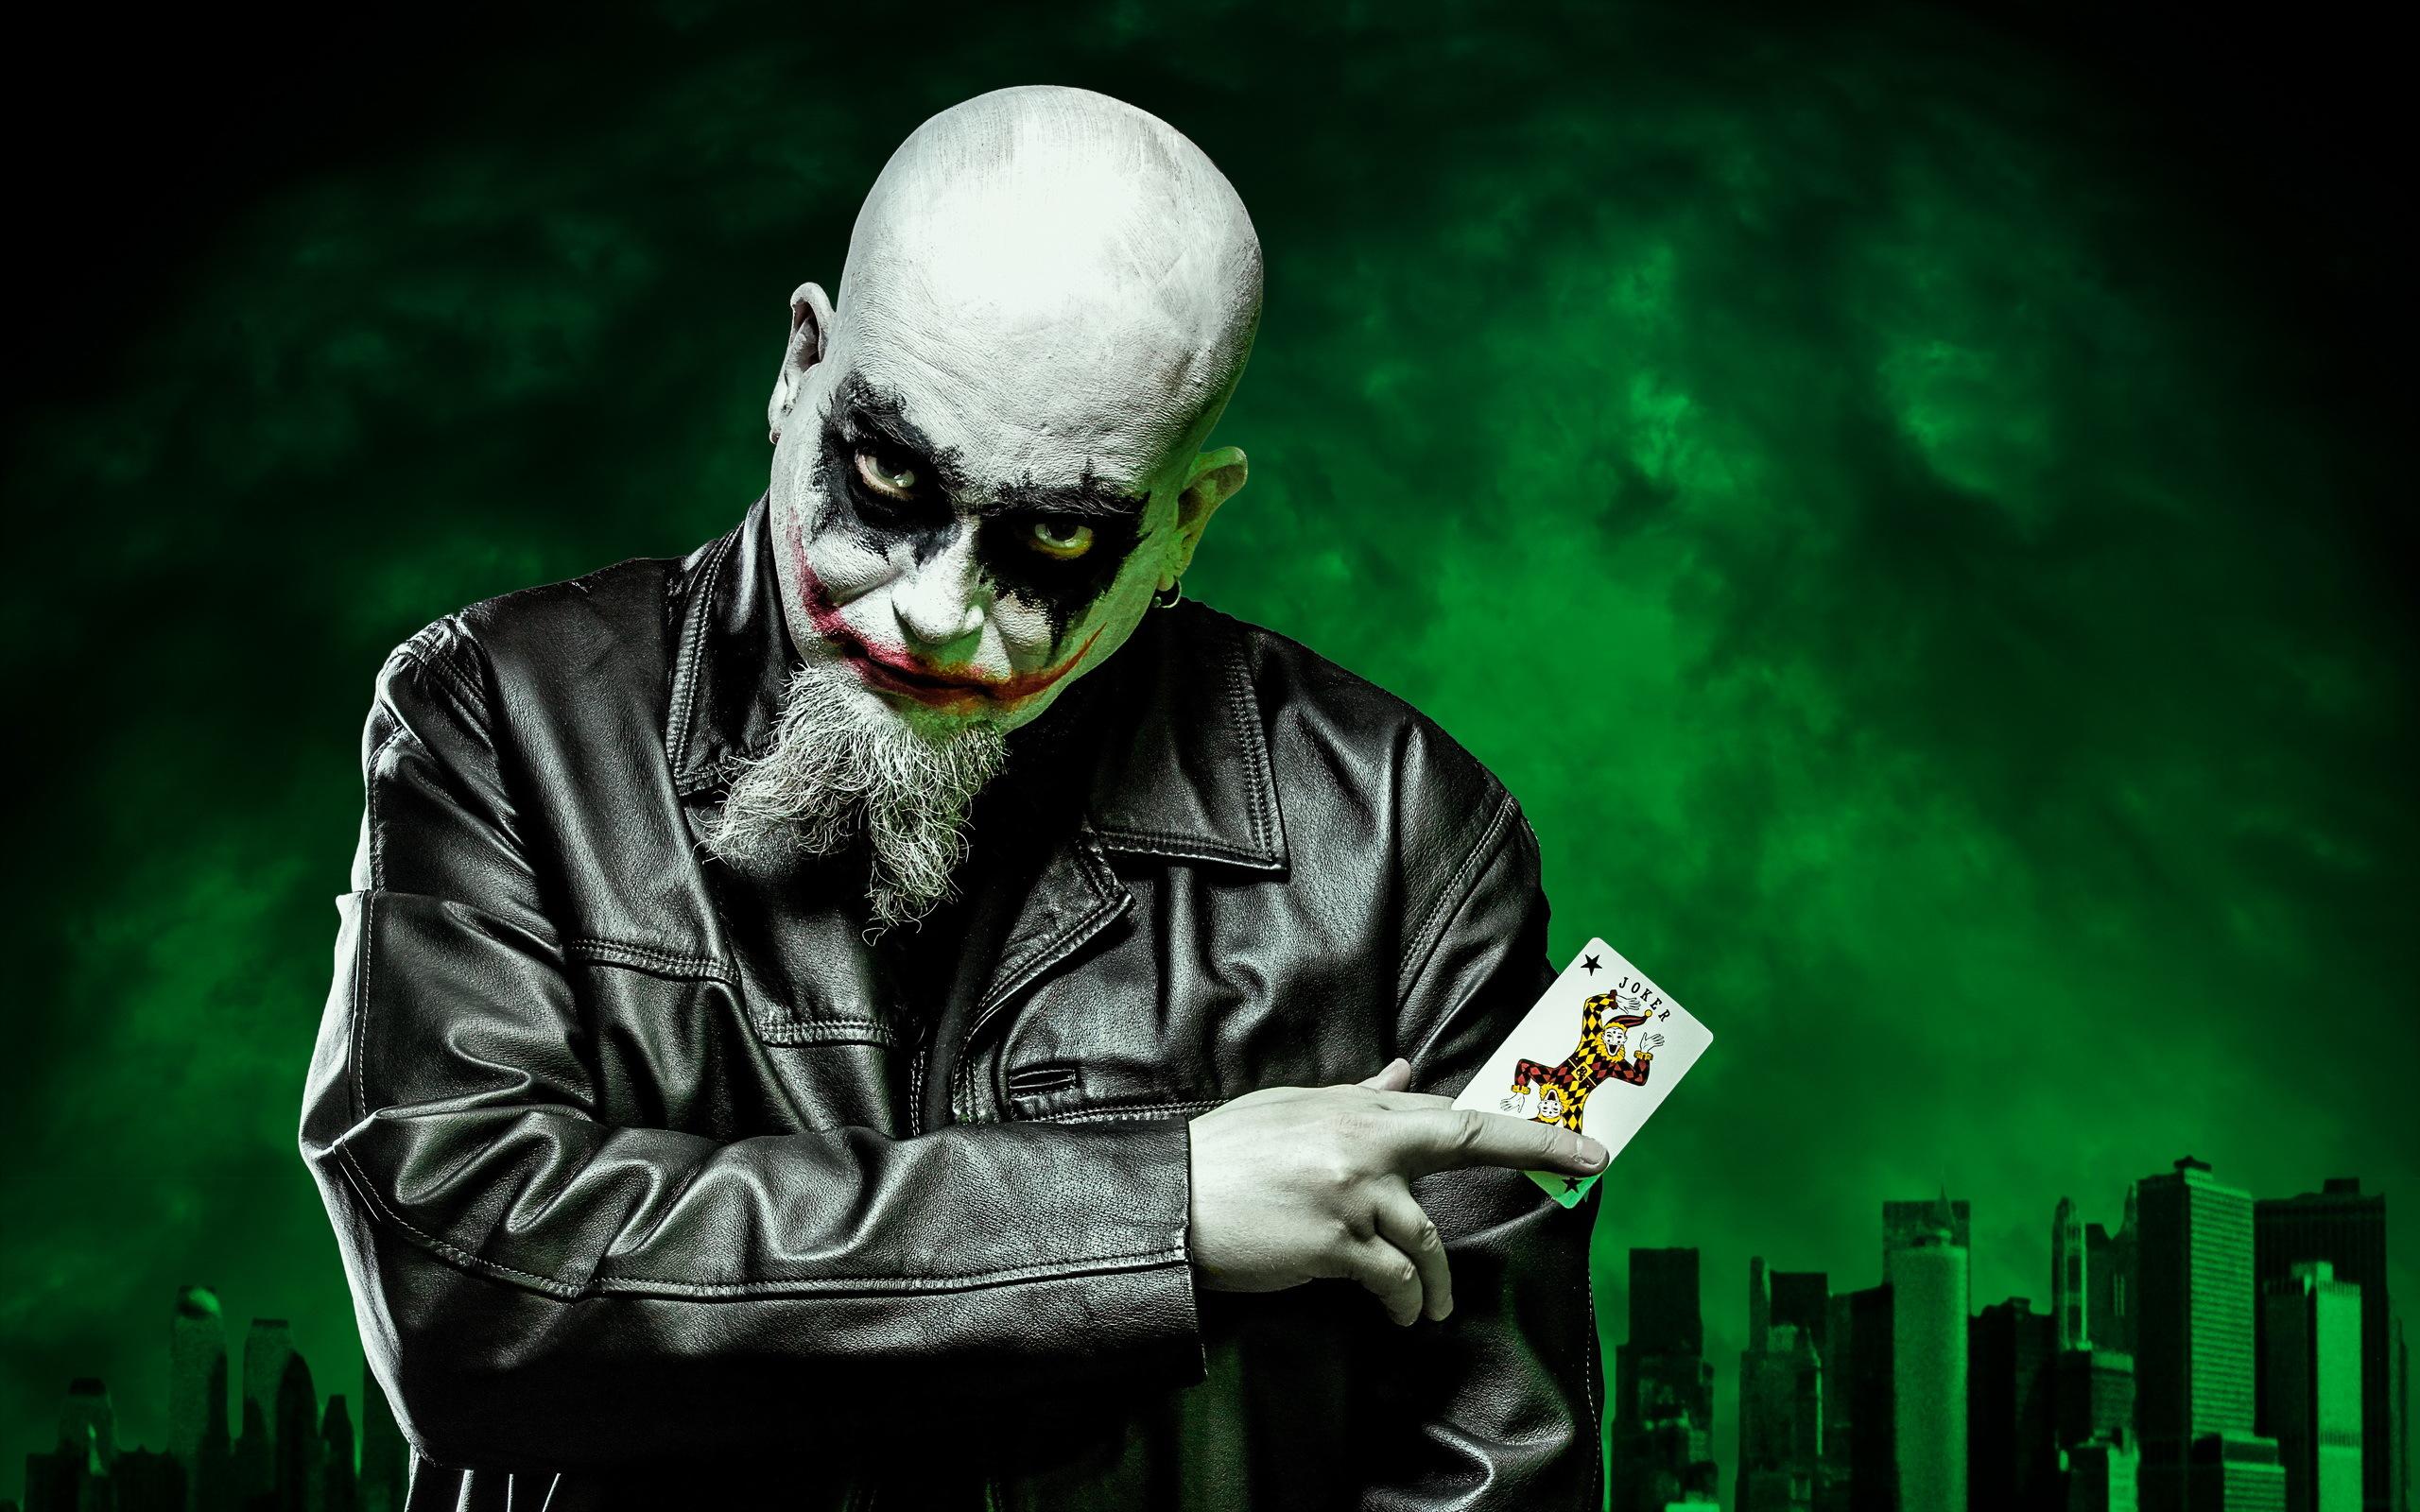 Evil joker wallpaper wallpapersafari for Desktop joker